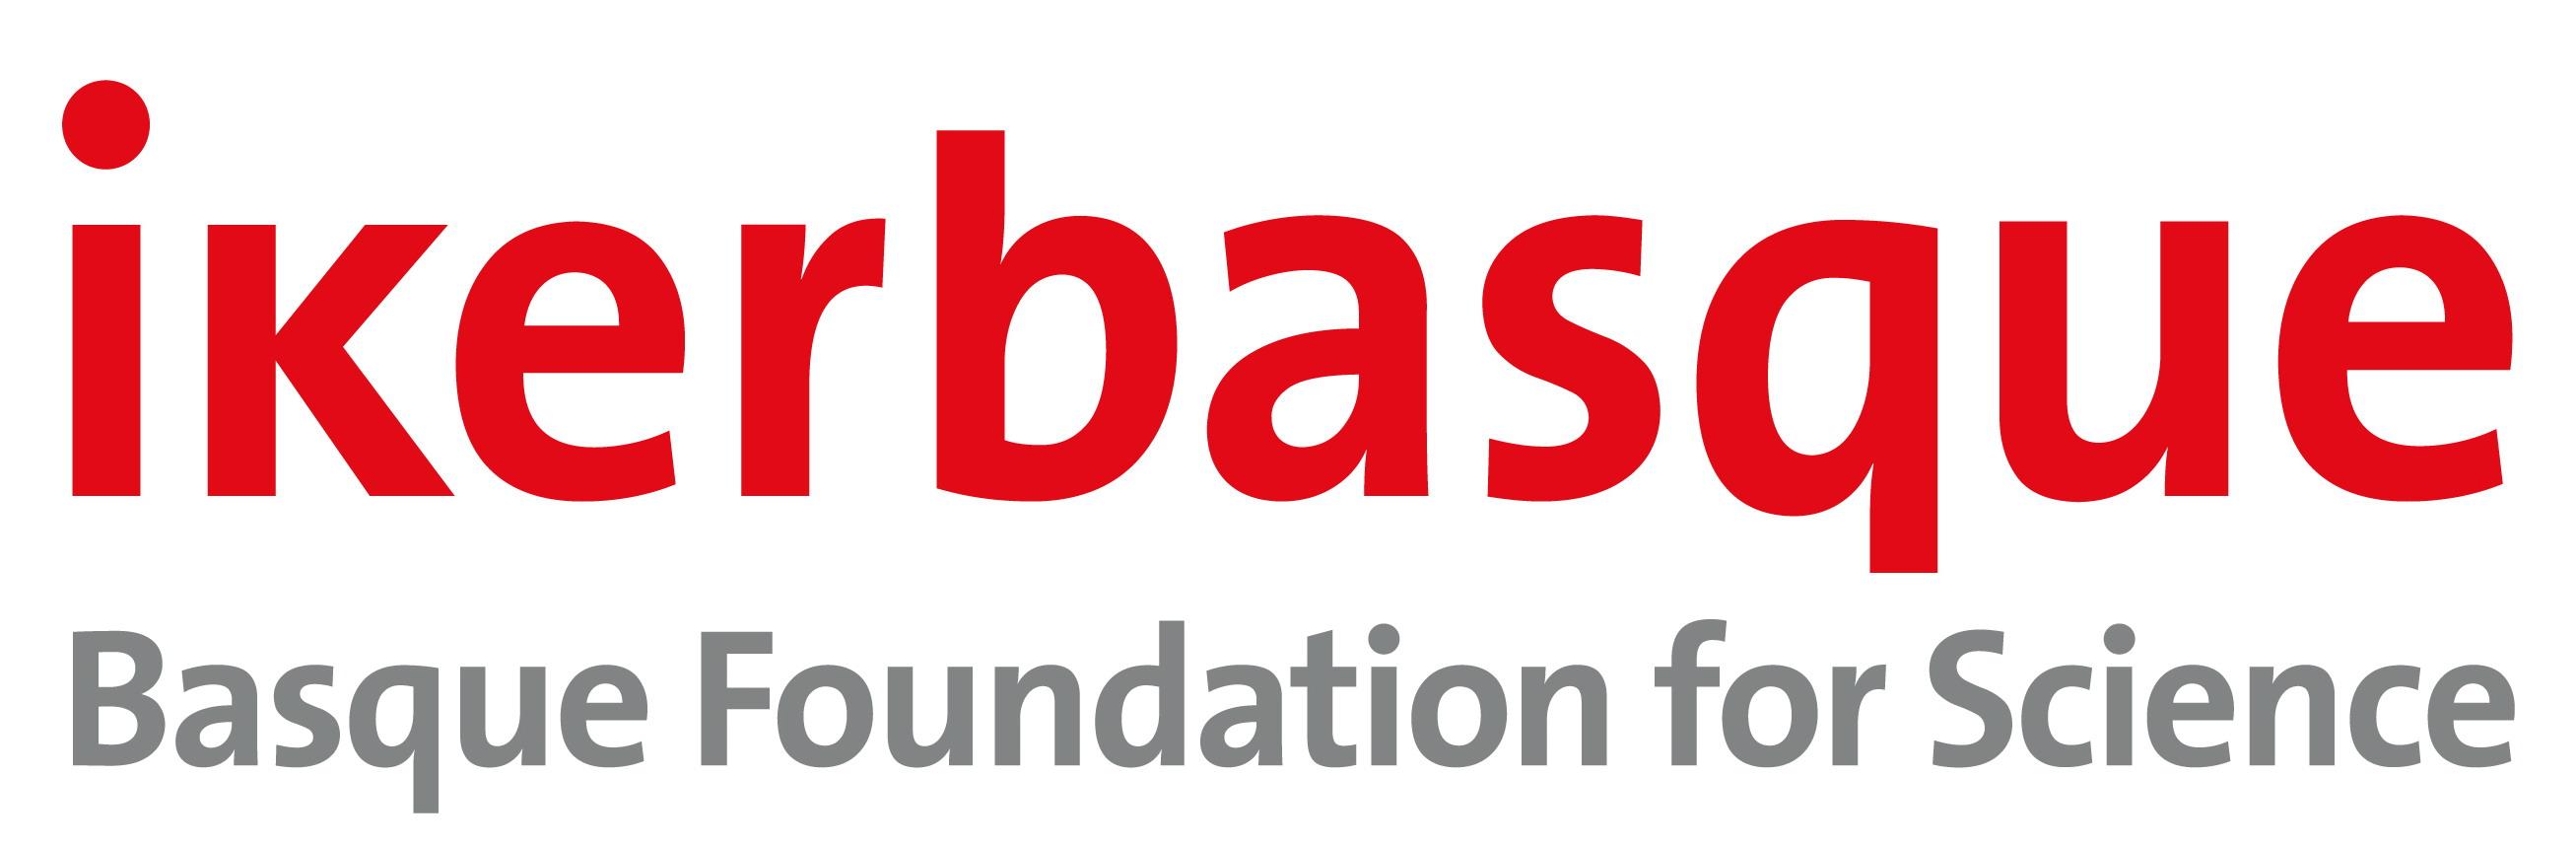 Resultado de imagen de ikerbasque logo